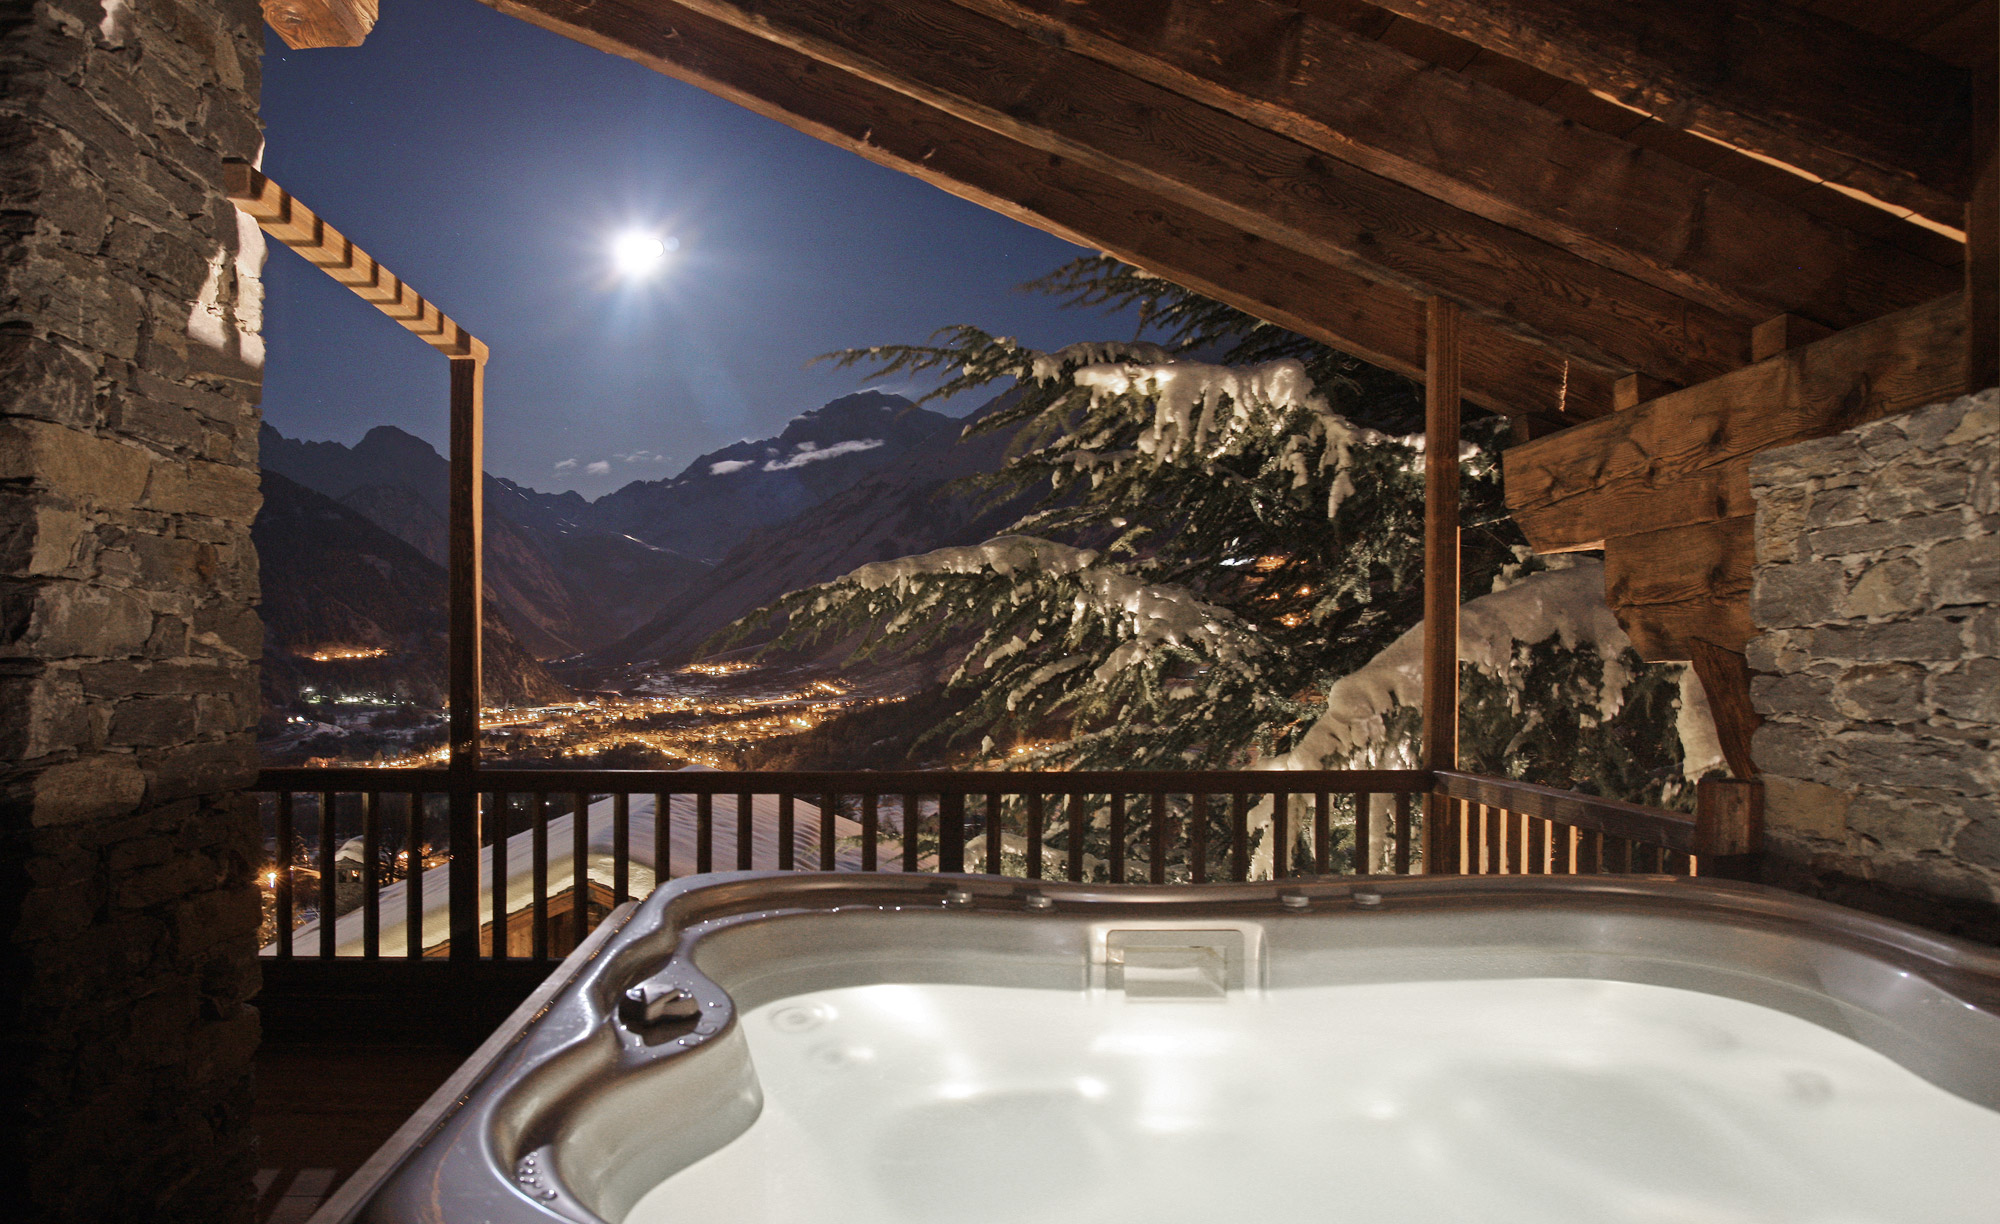 Paysage de nuit avec jacuzzi privatif proposé dans une des chambres du Mont Blanc Hôtel en Italie